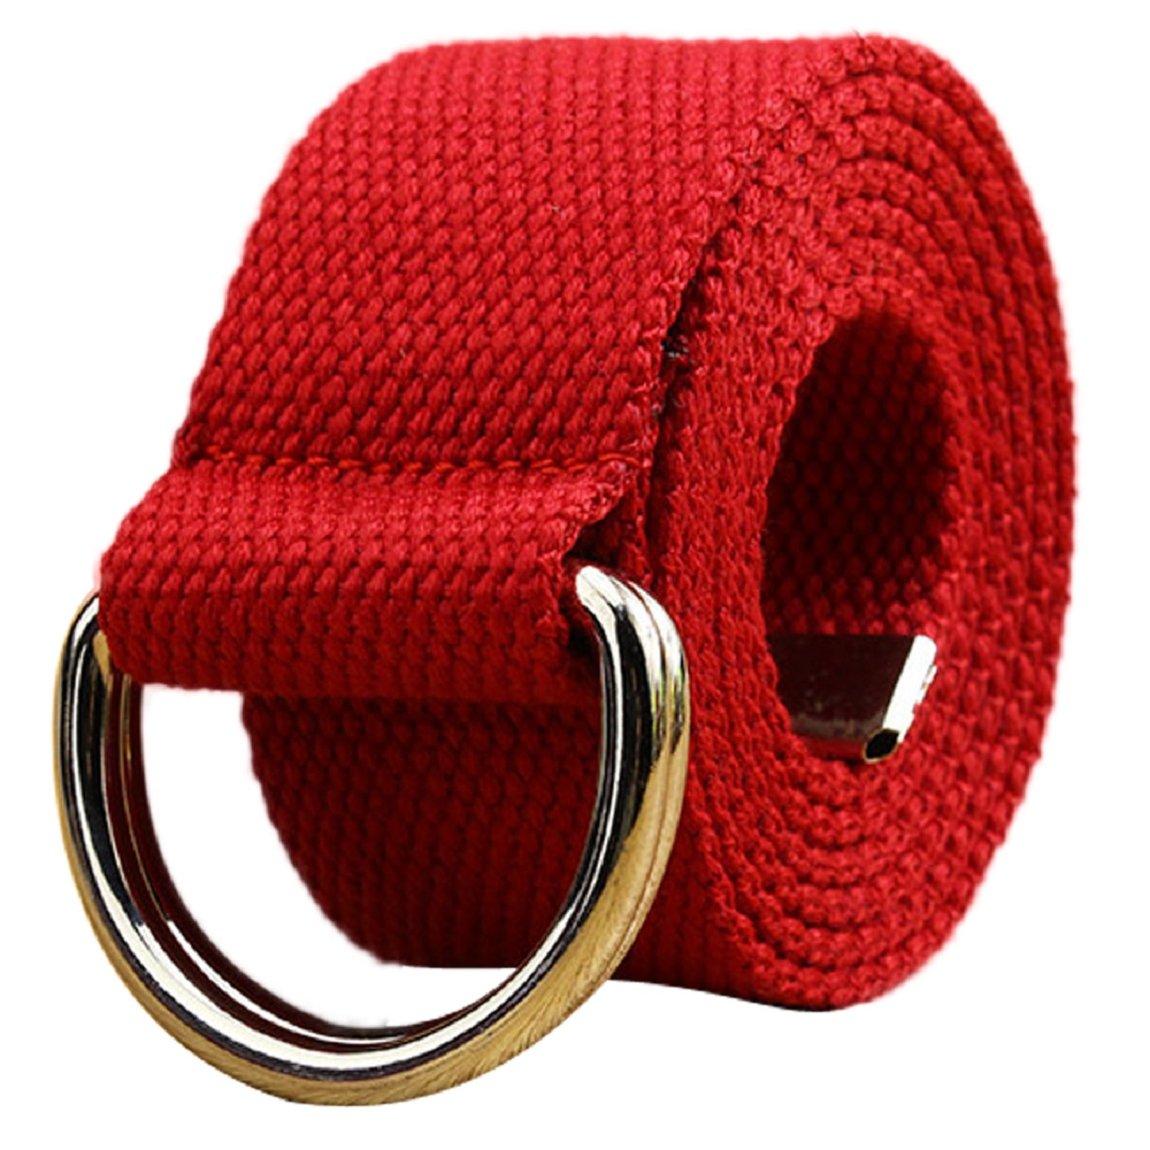 DKmagic Mens Casual Faux Leather Belt Buckle Waist Strap Belts